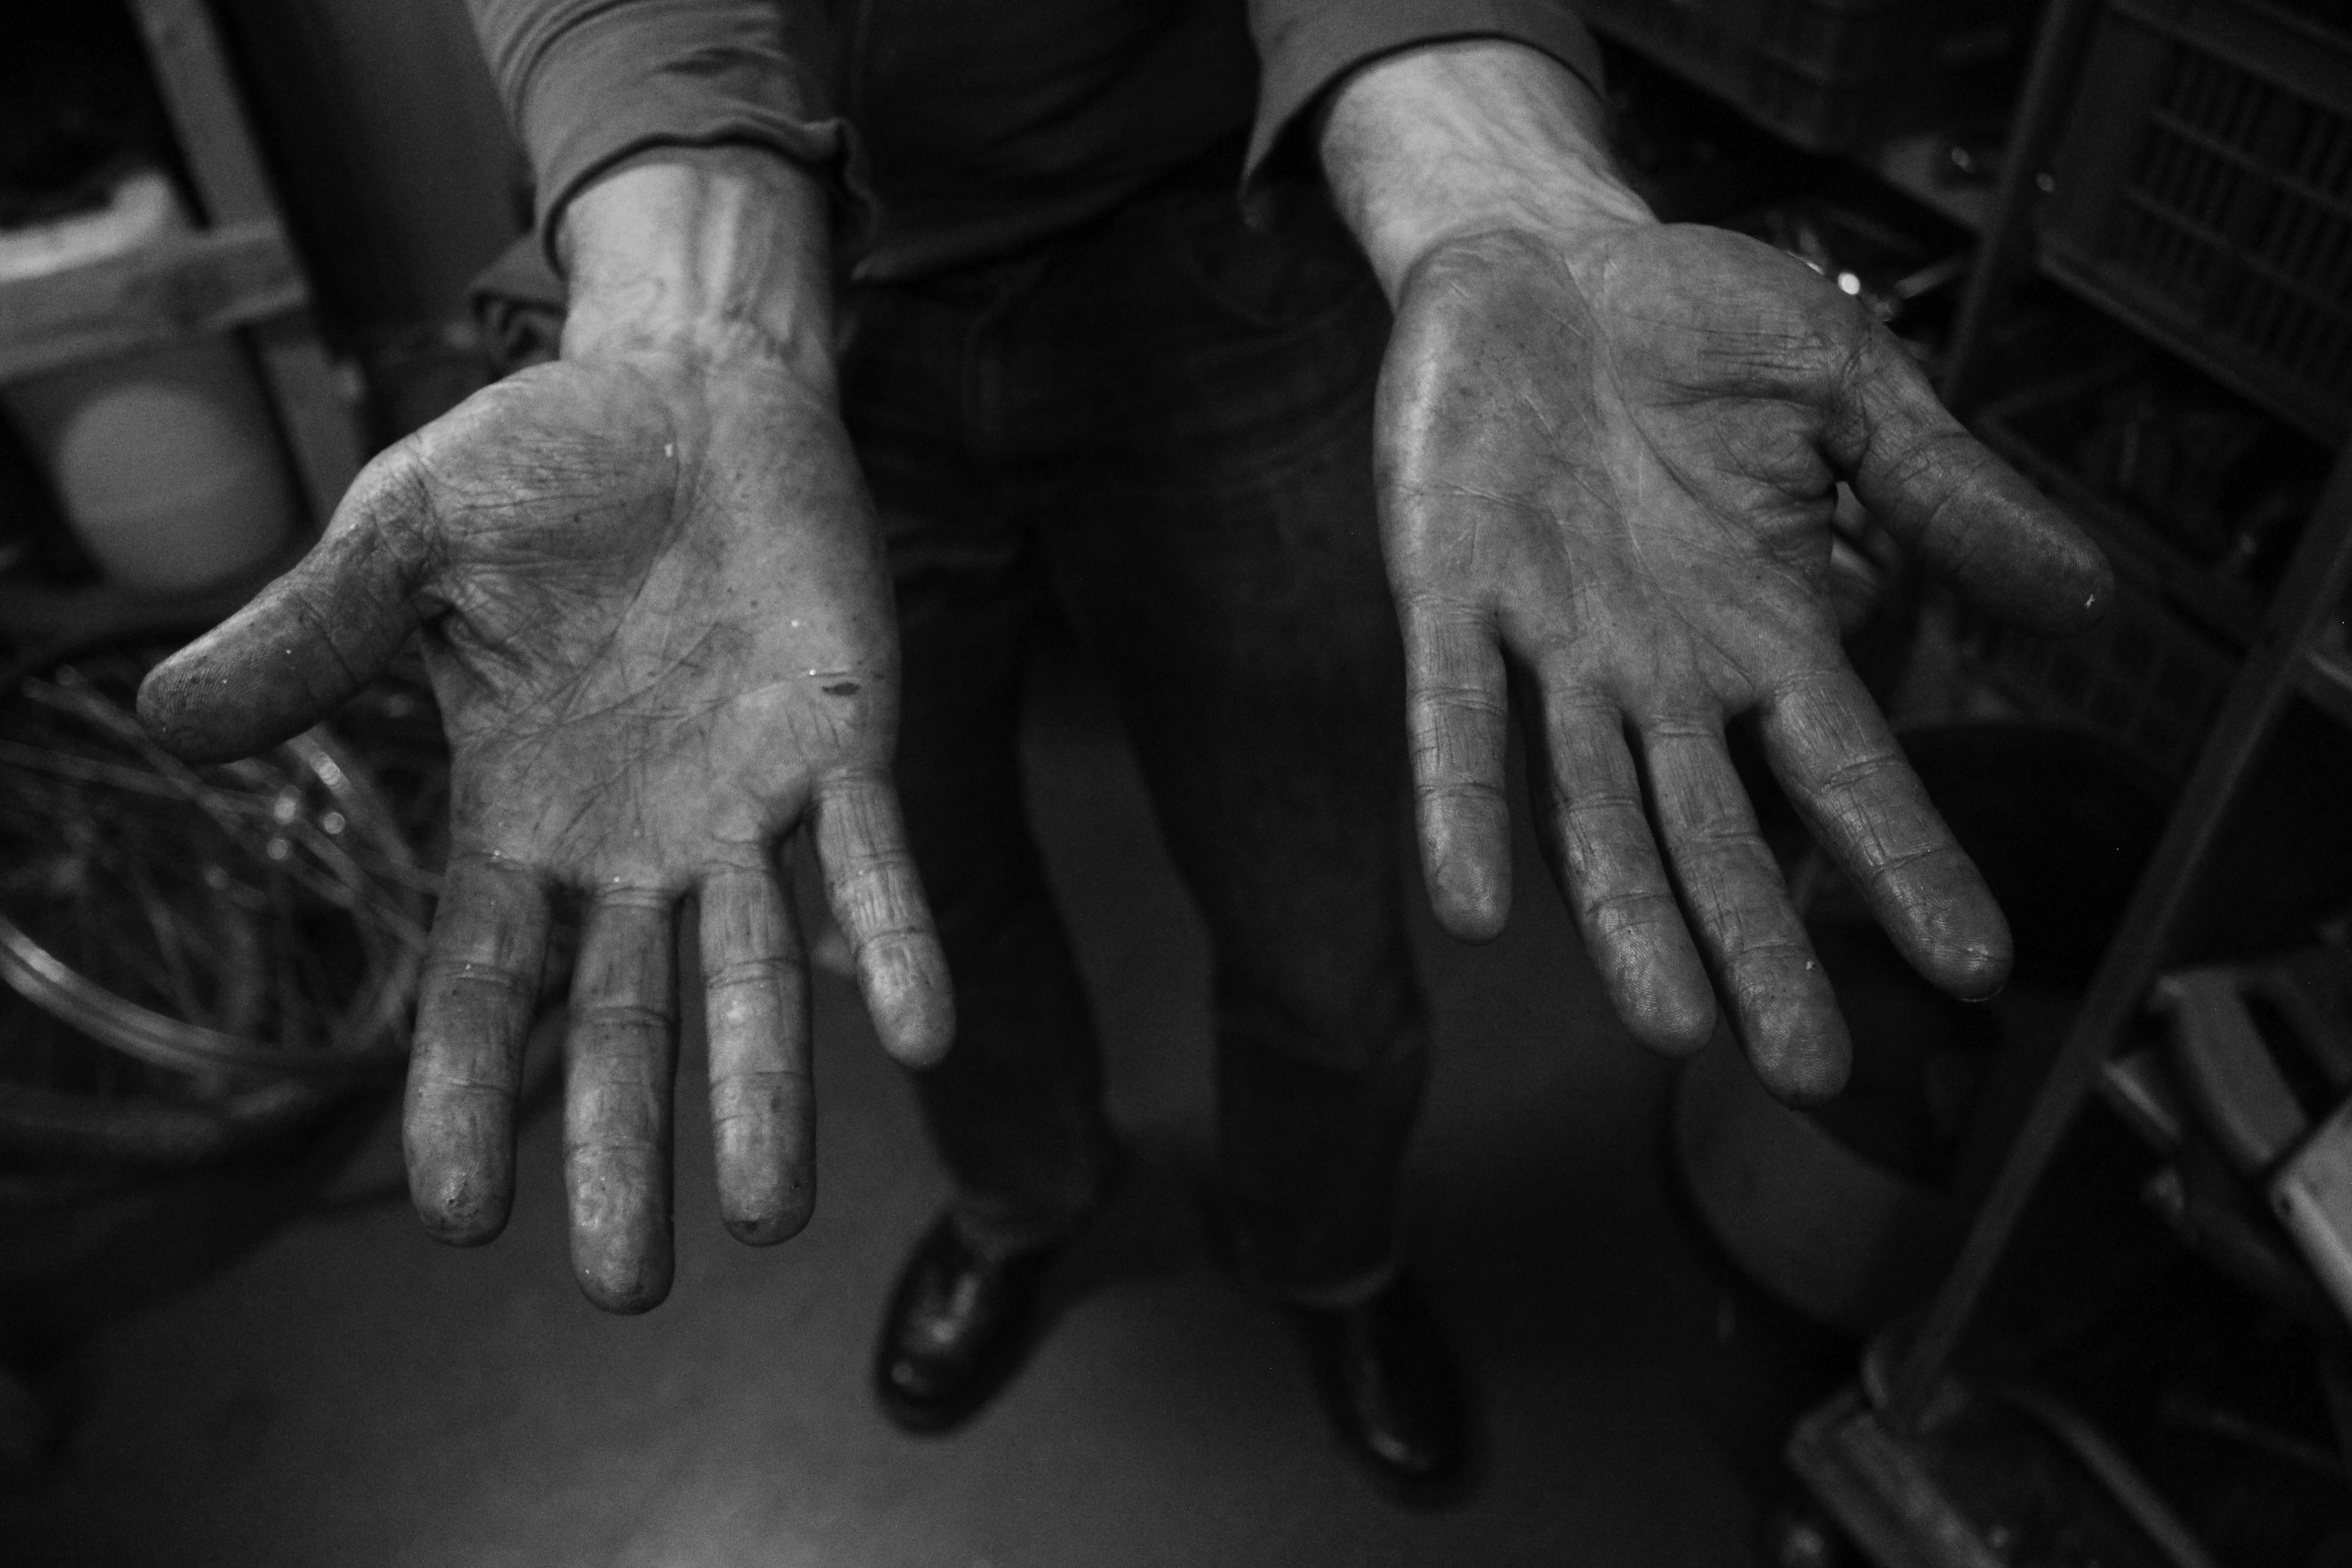 Inigo hands